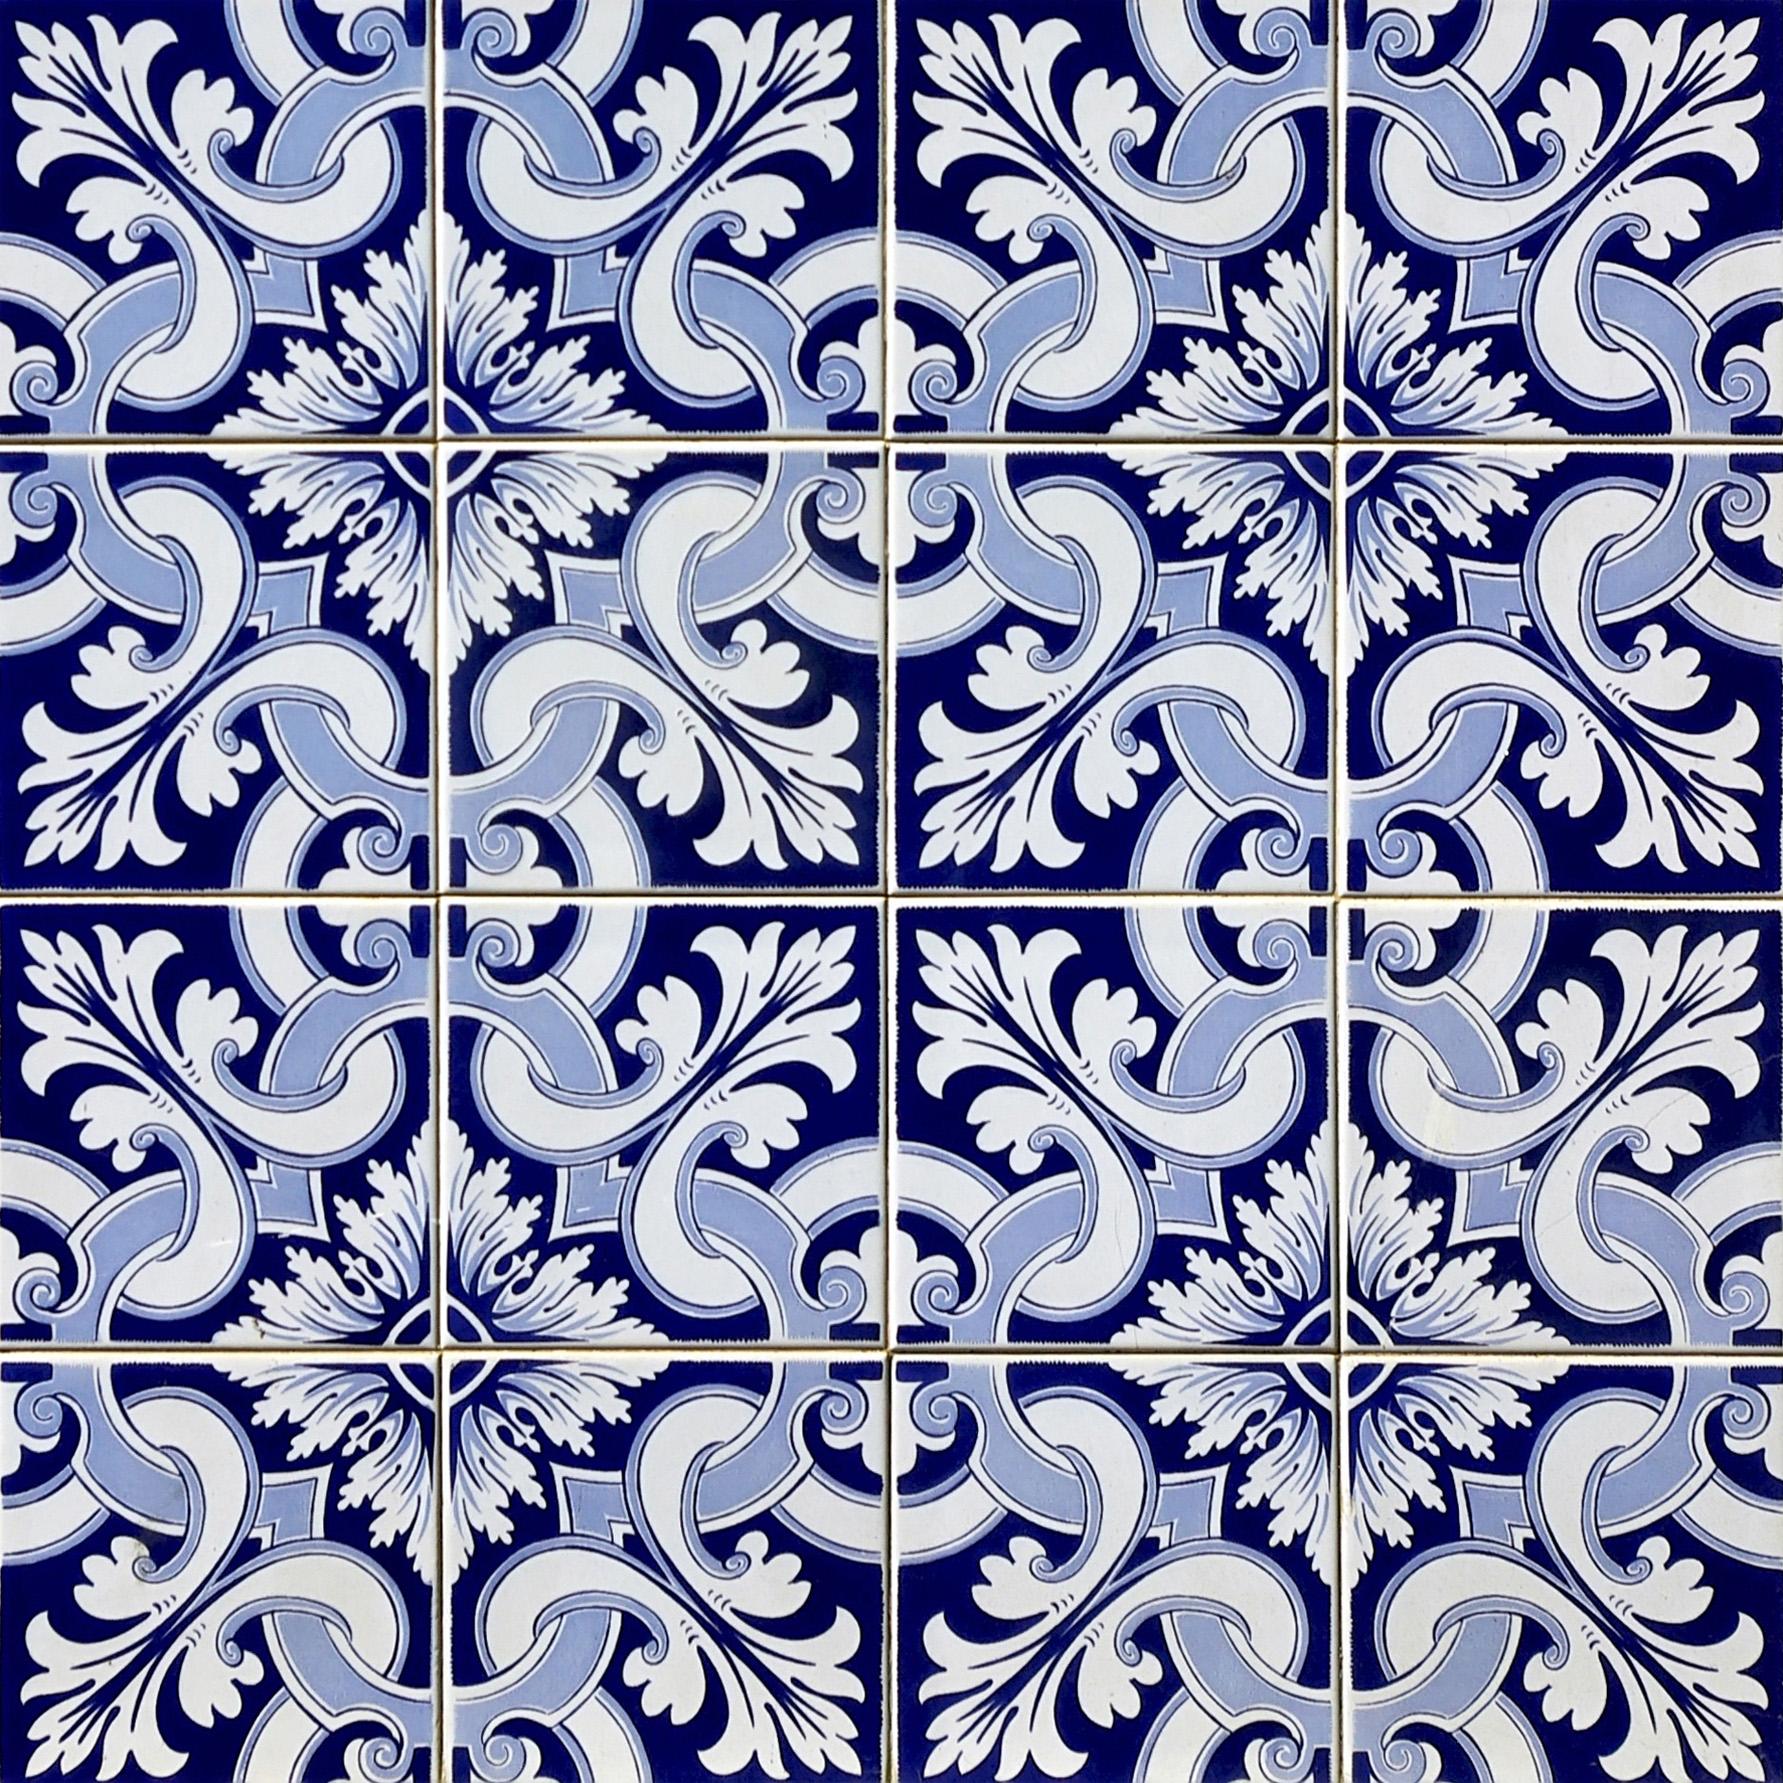 Adesivo De Madeira Para Piso ~ Azulejo Adesivo AZ097 Arabesco Design Elo7